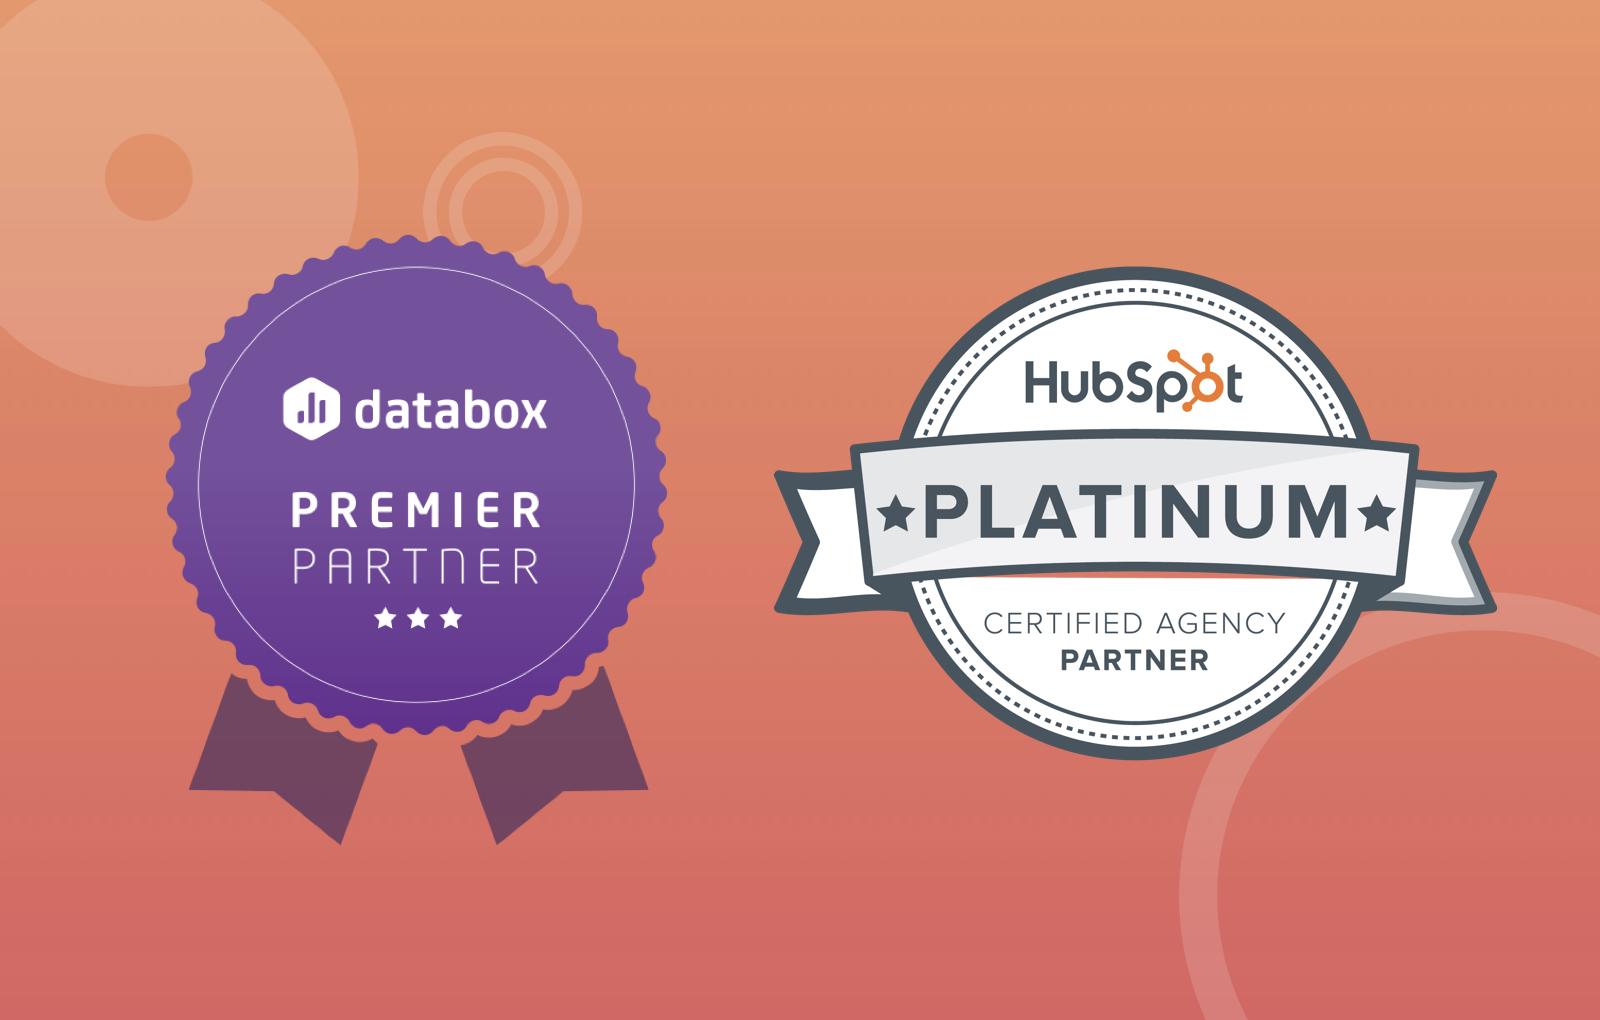 MarketLauncher Becomes a HubSpot Certified Platinum Partner and Databox Premier Partner